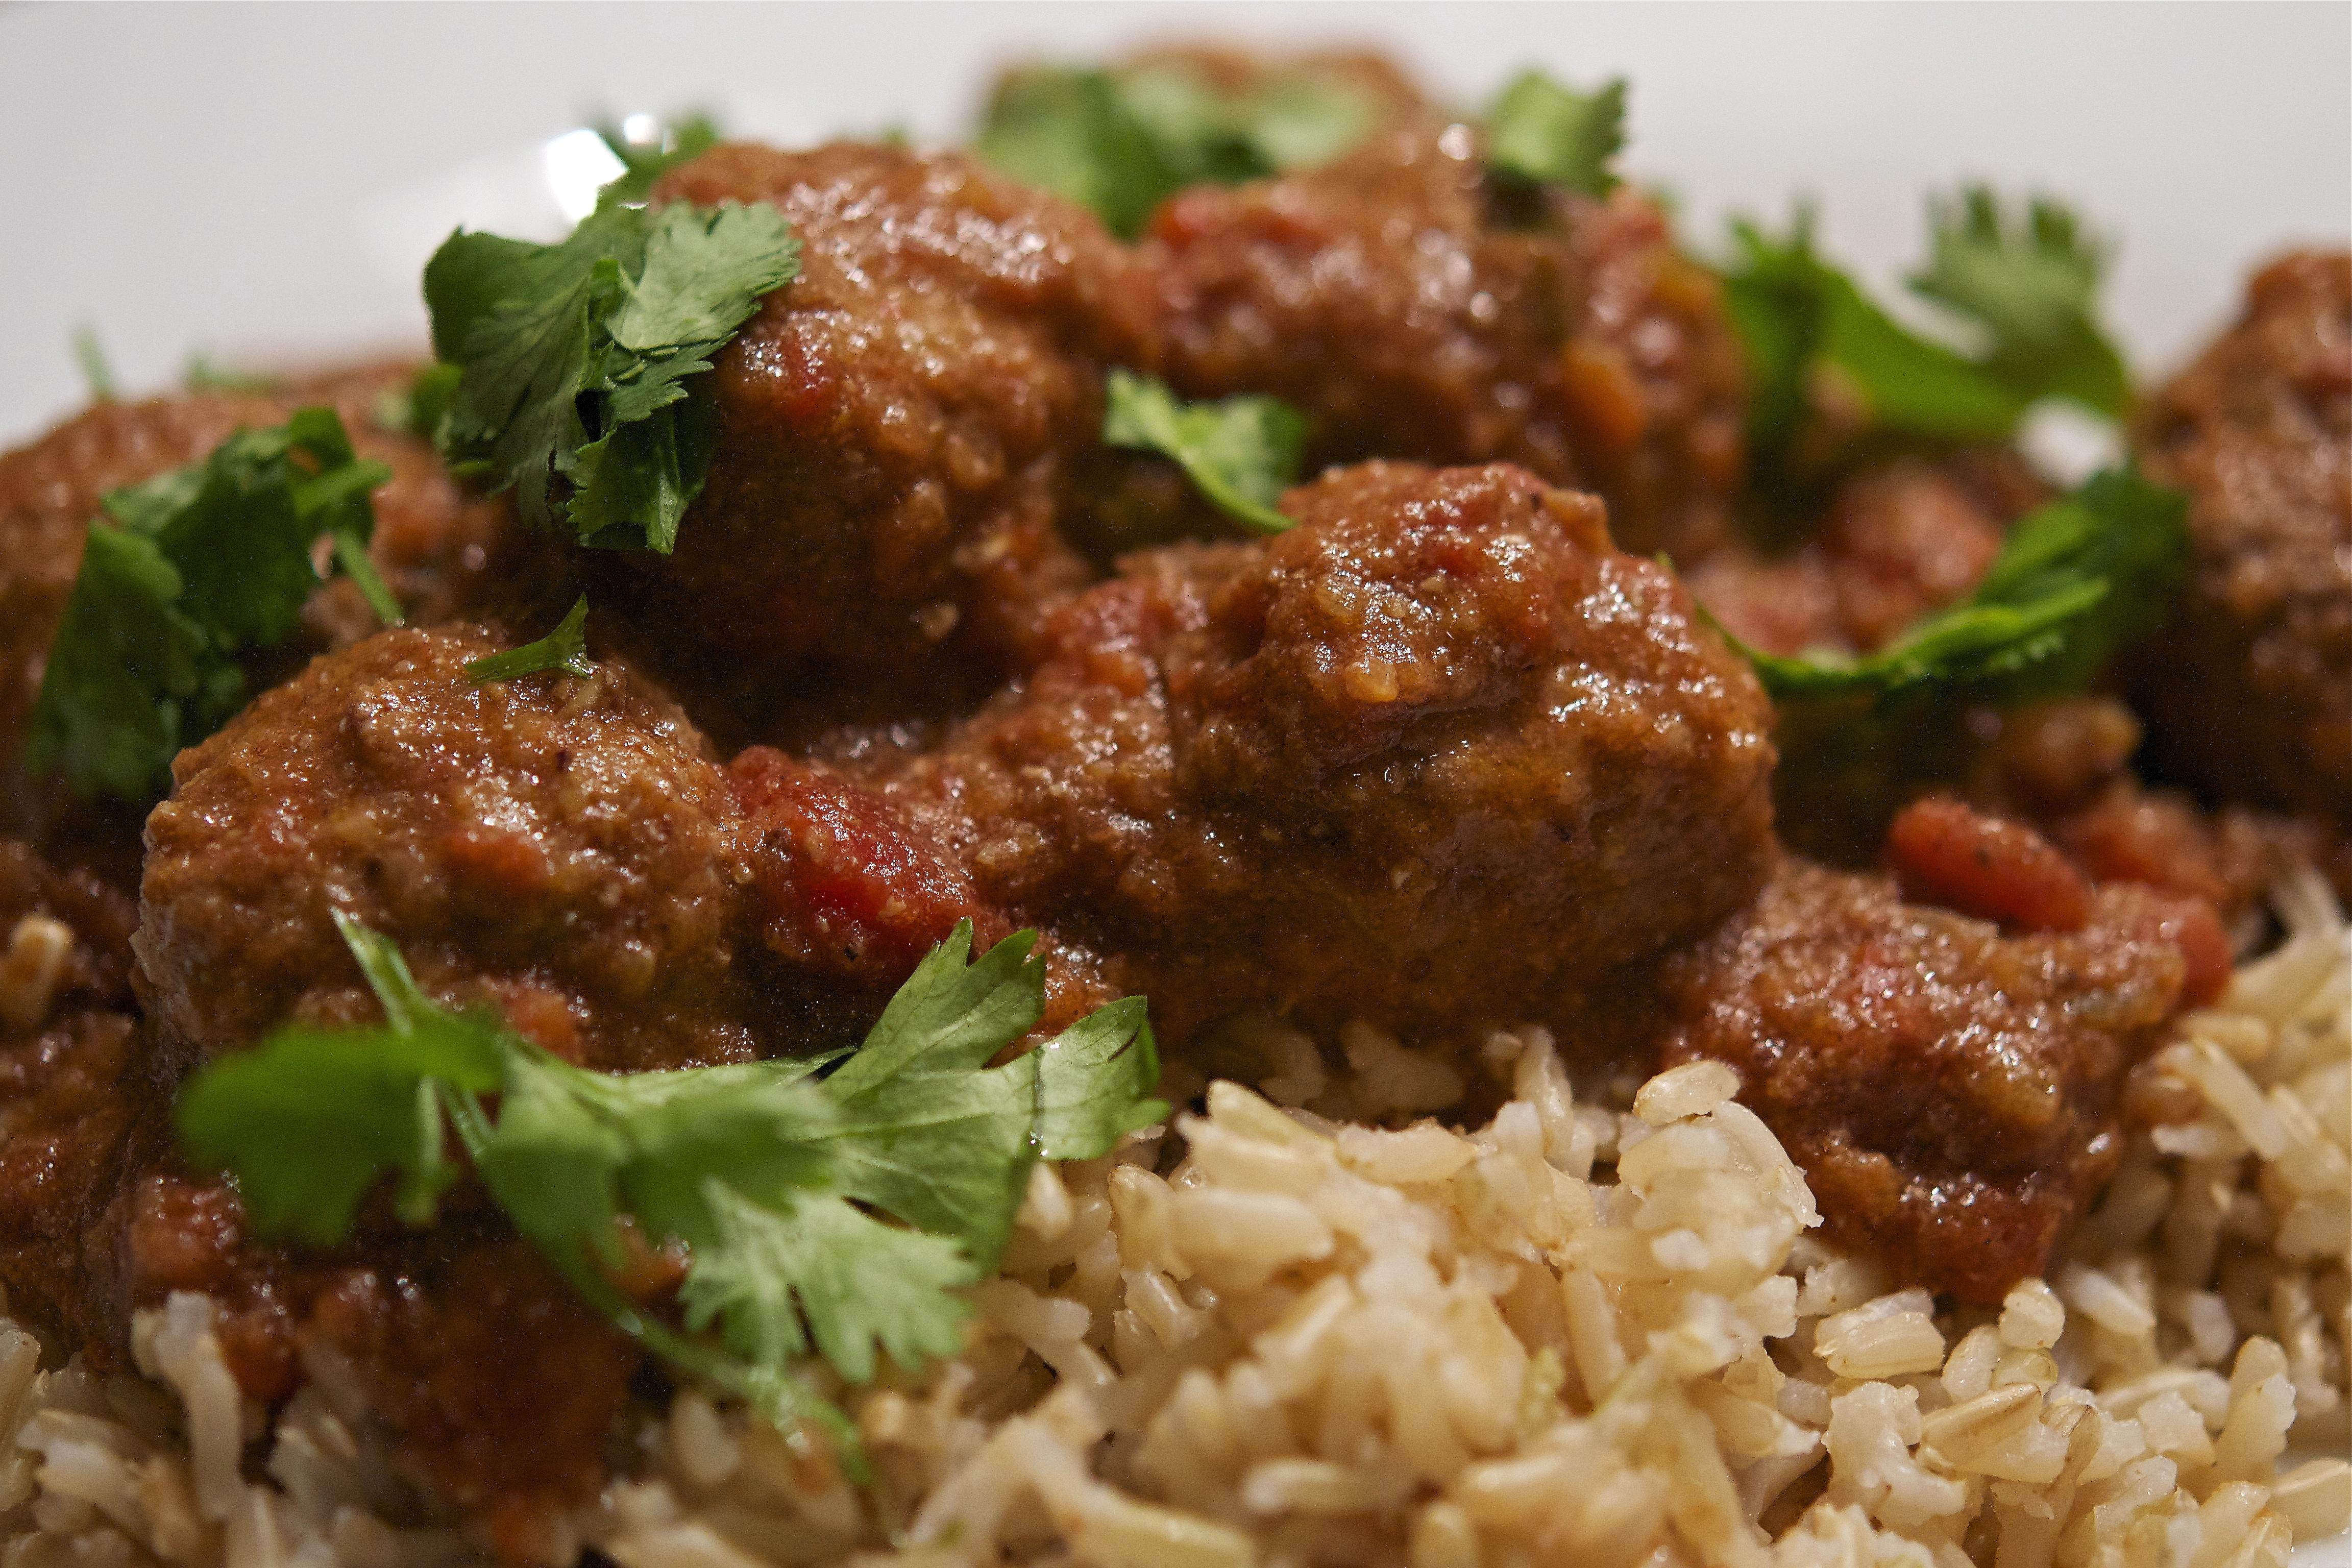 Spicy Lamb Meatballs Recipe Spicy Lamb Meatballs Recipe new images